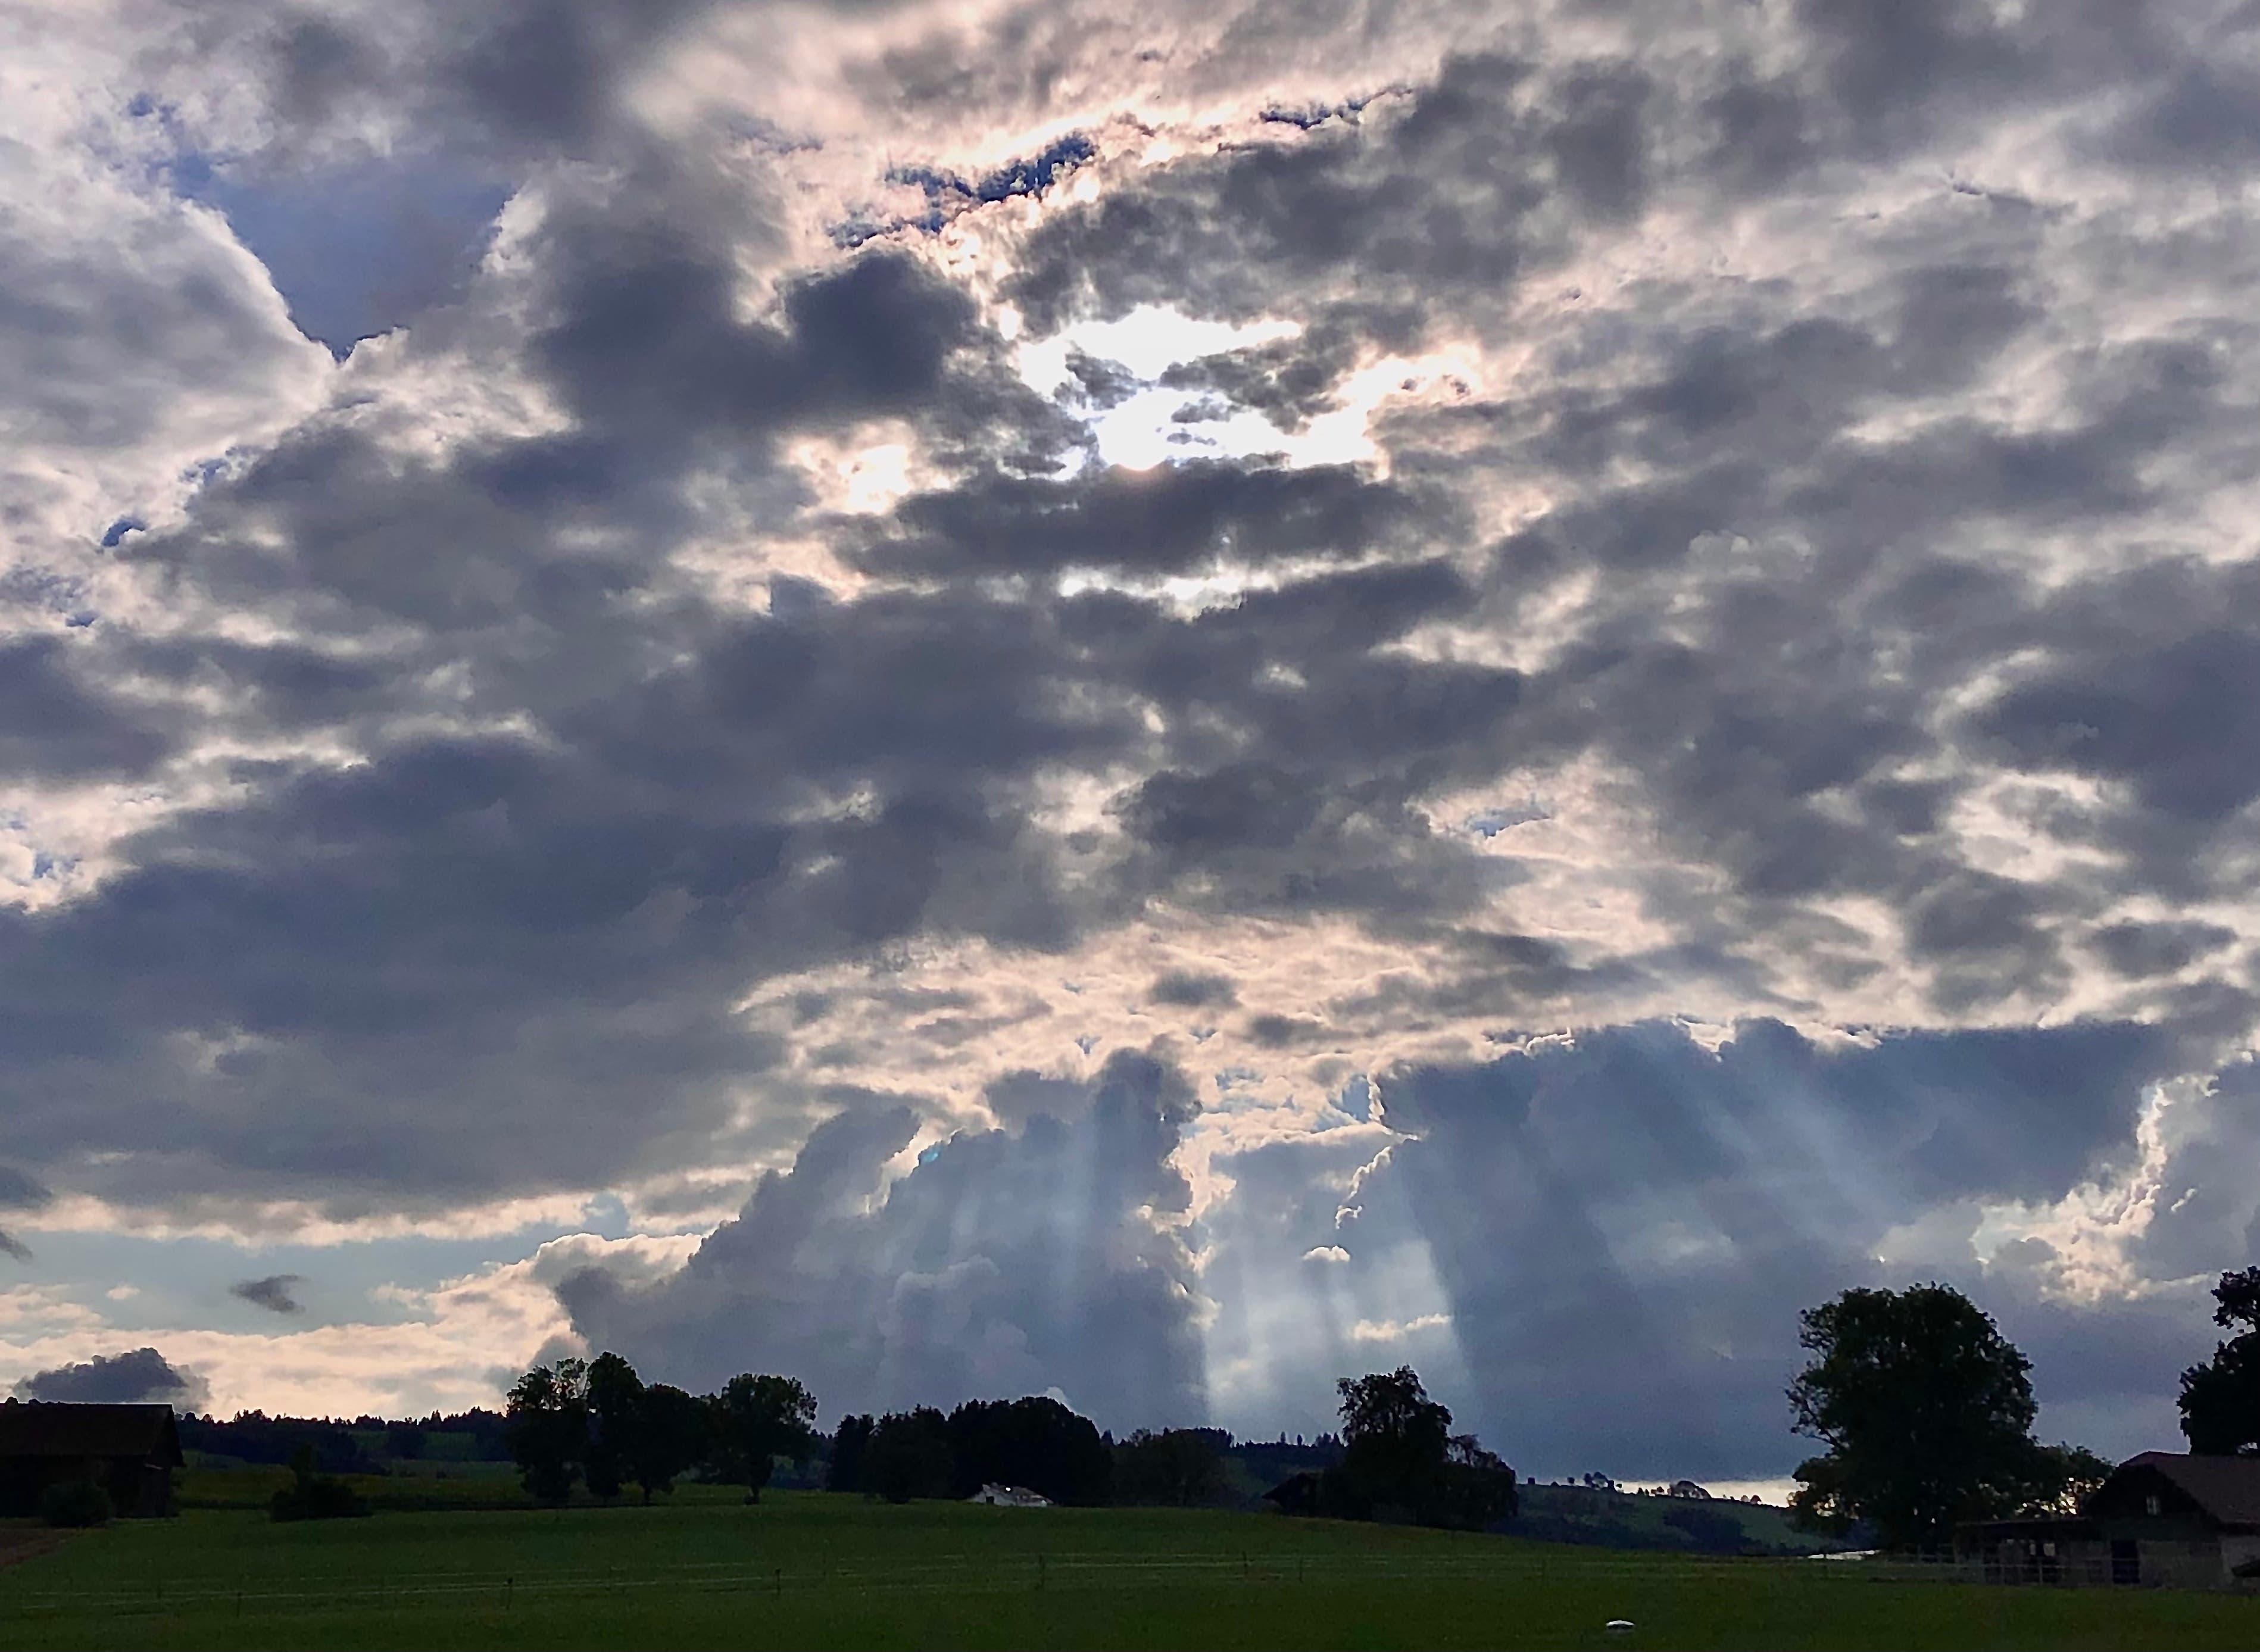 Einfach magisch, wie sich die Sonnenstrahlen hinter den Wolken durchdrängen.